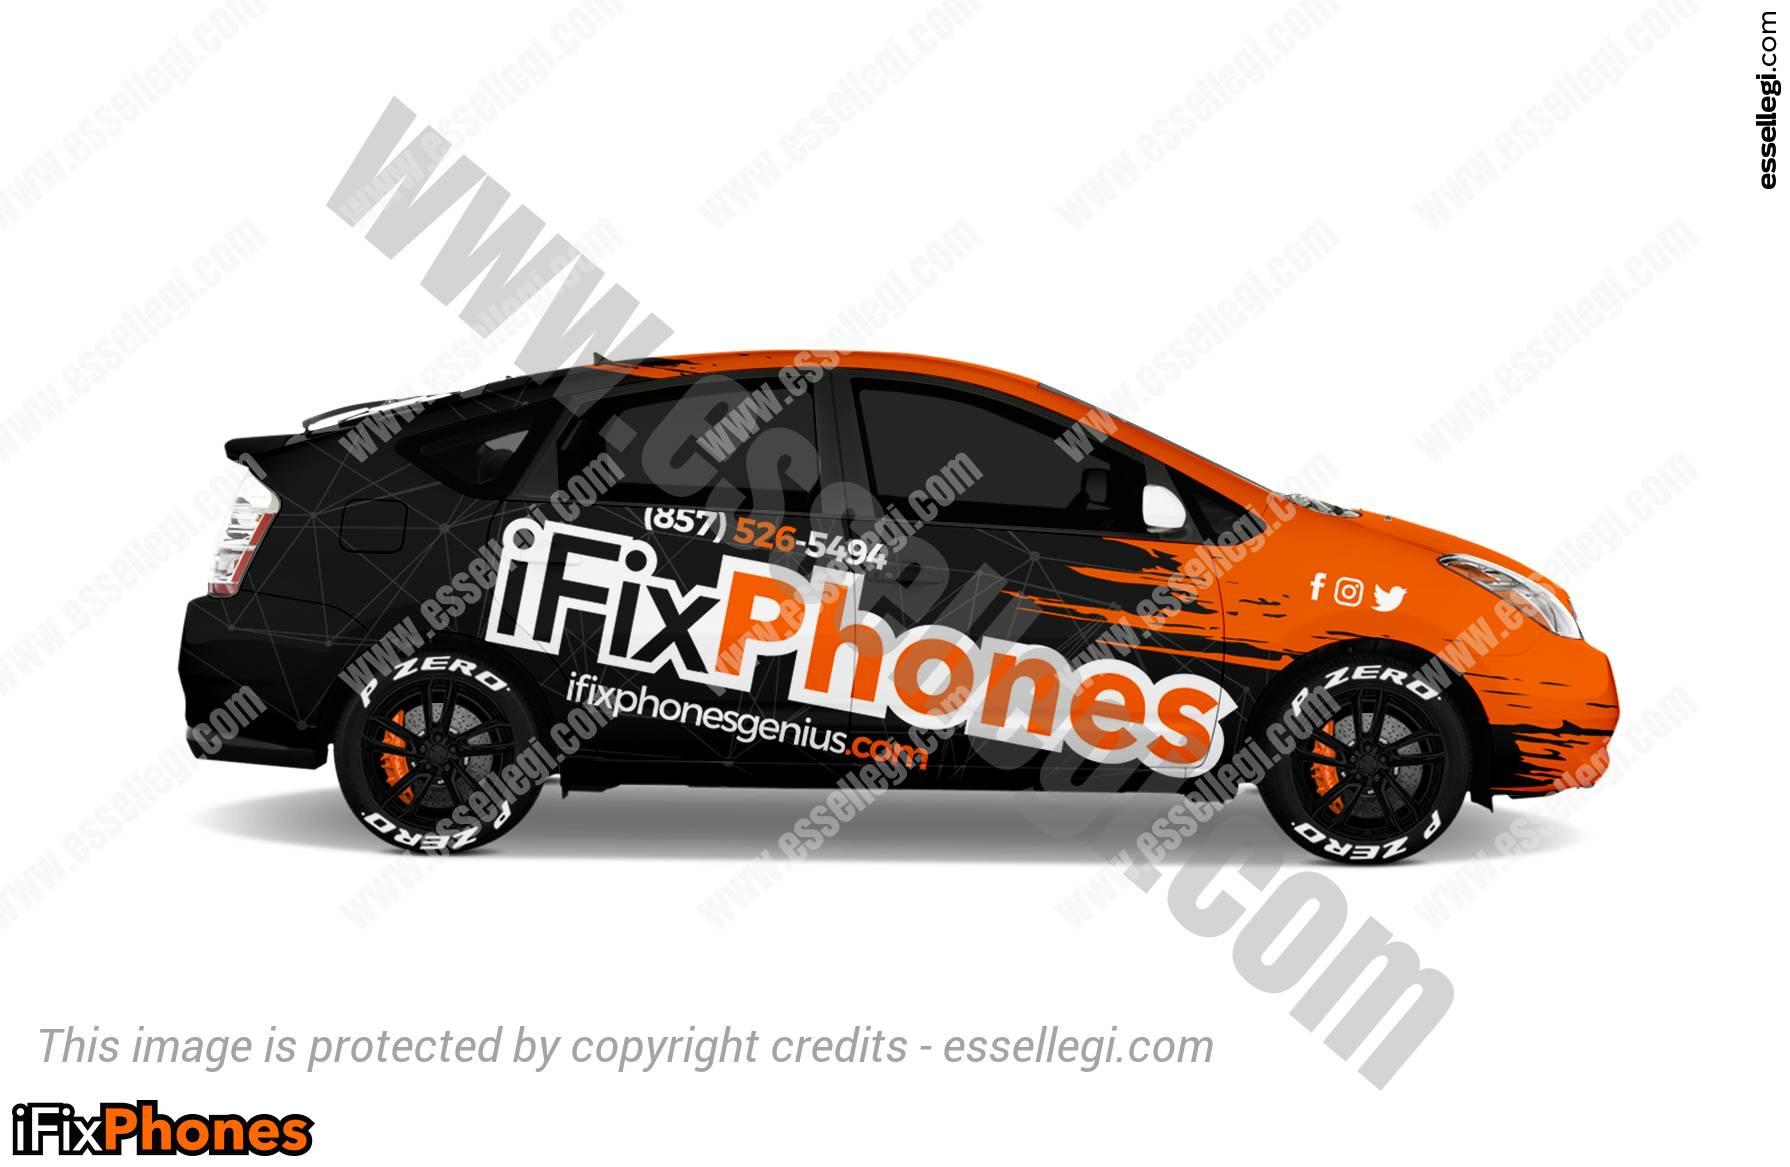 Toyota Prius Car Wrap Design By Essellegi Wrap Design